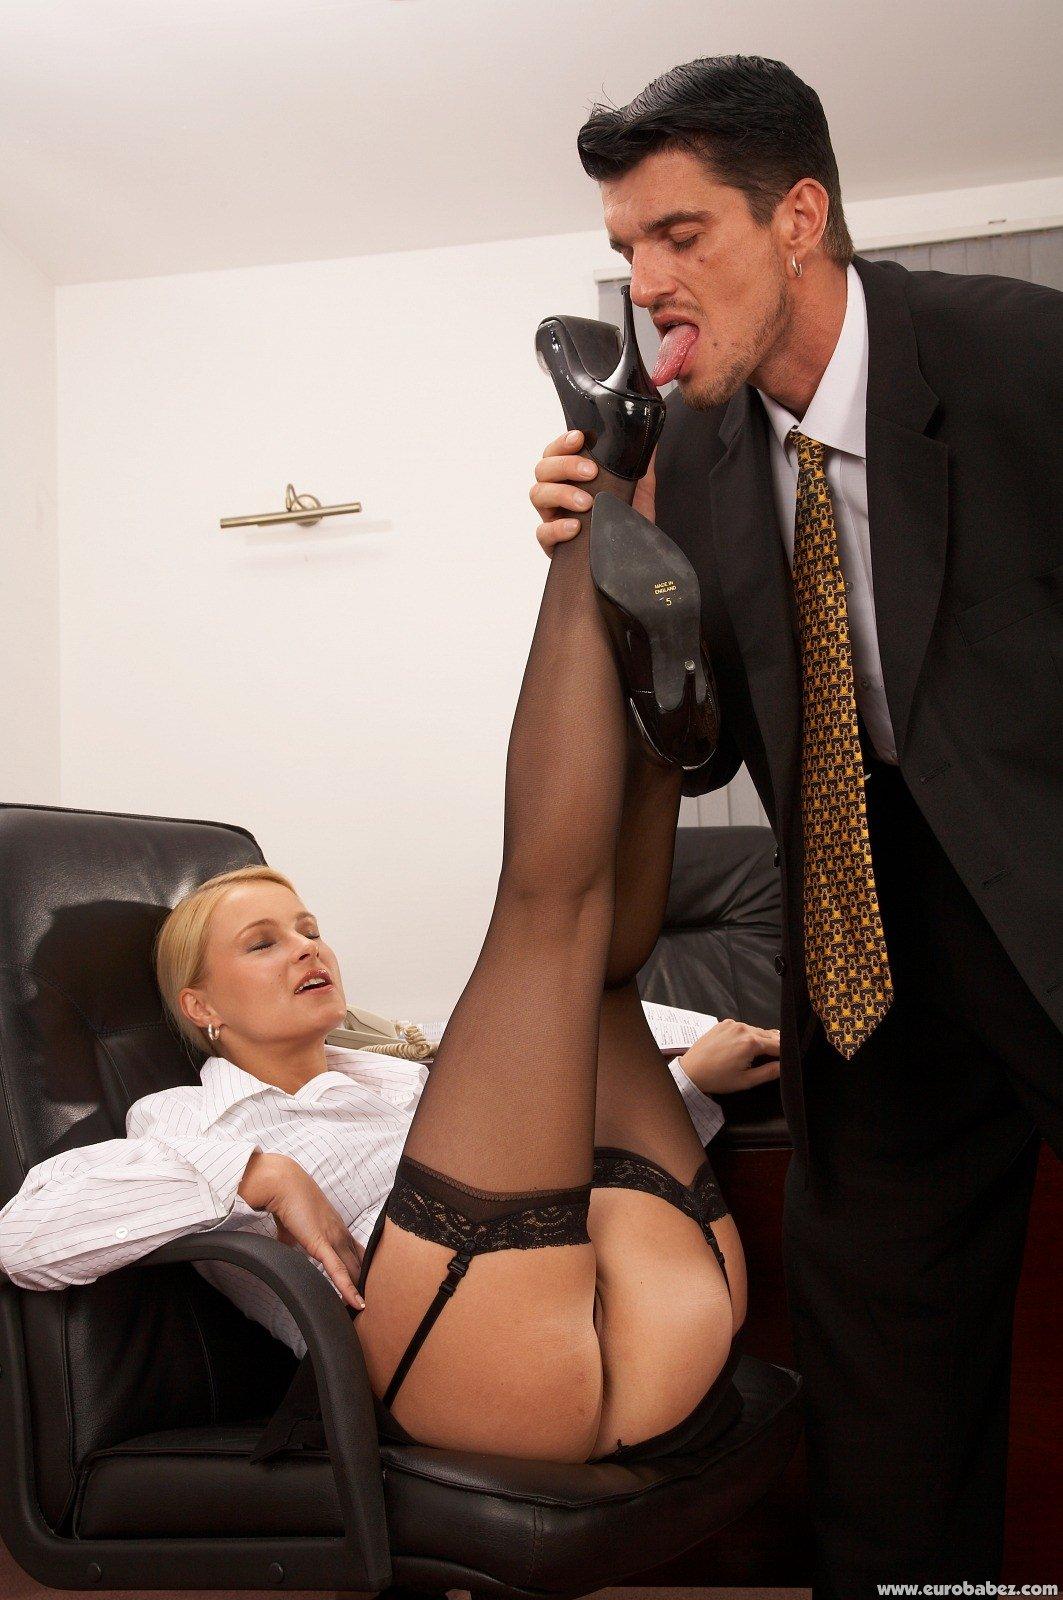 Шеф отрахал свою секретаршу 7 фотография